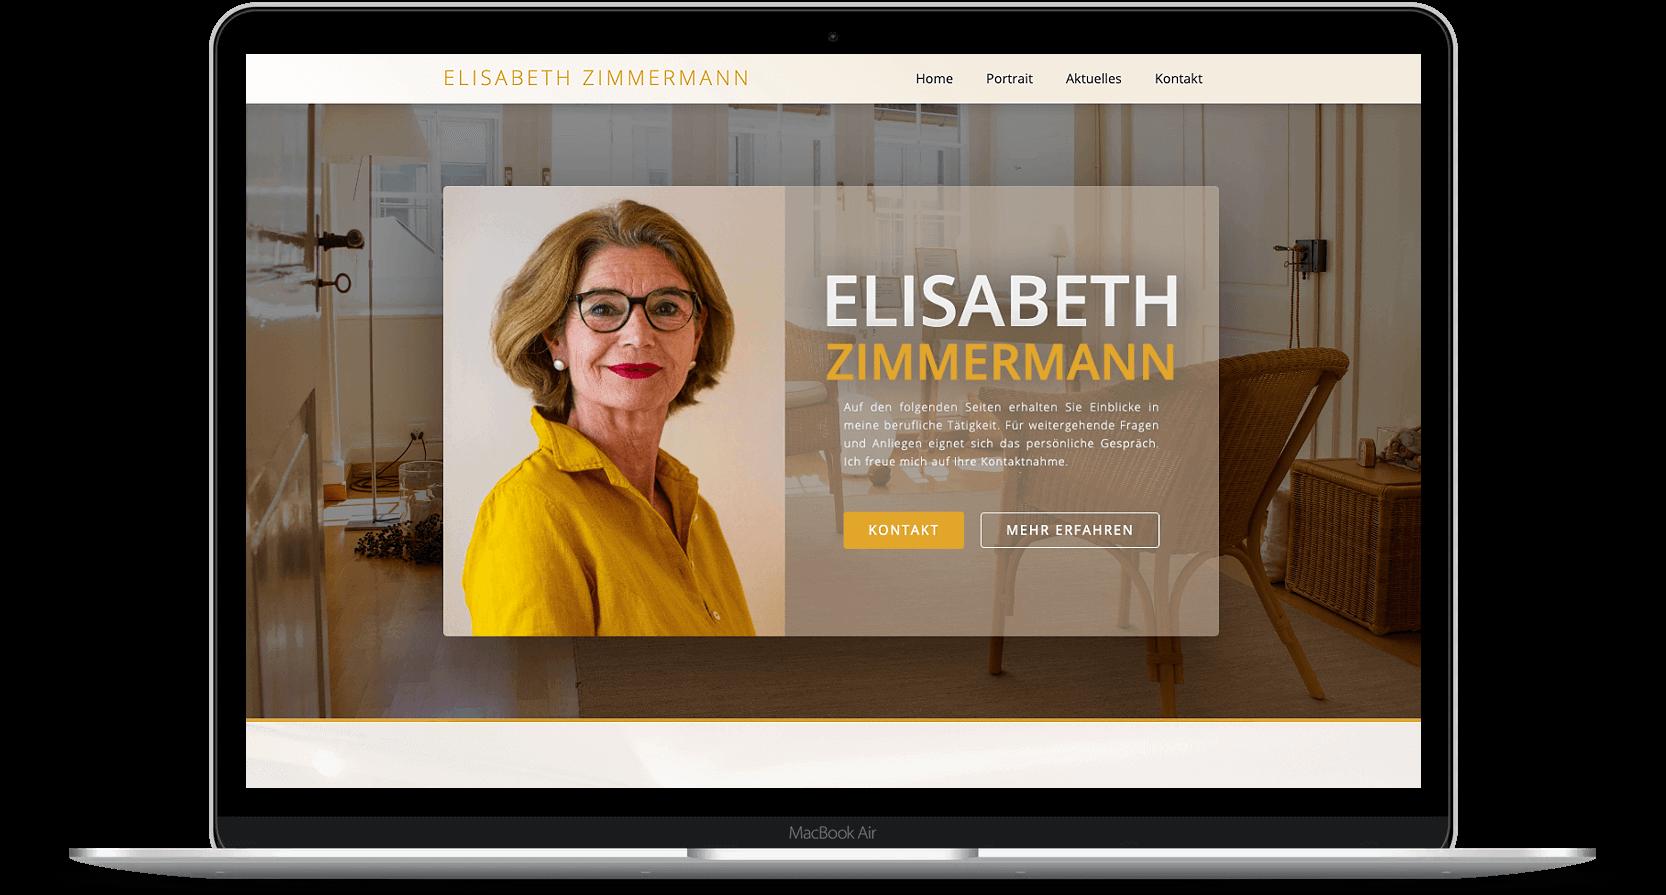 desktopansicht-elisabeth-zimmermann